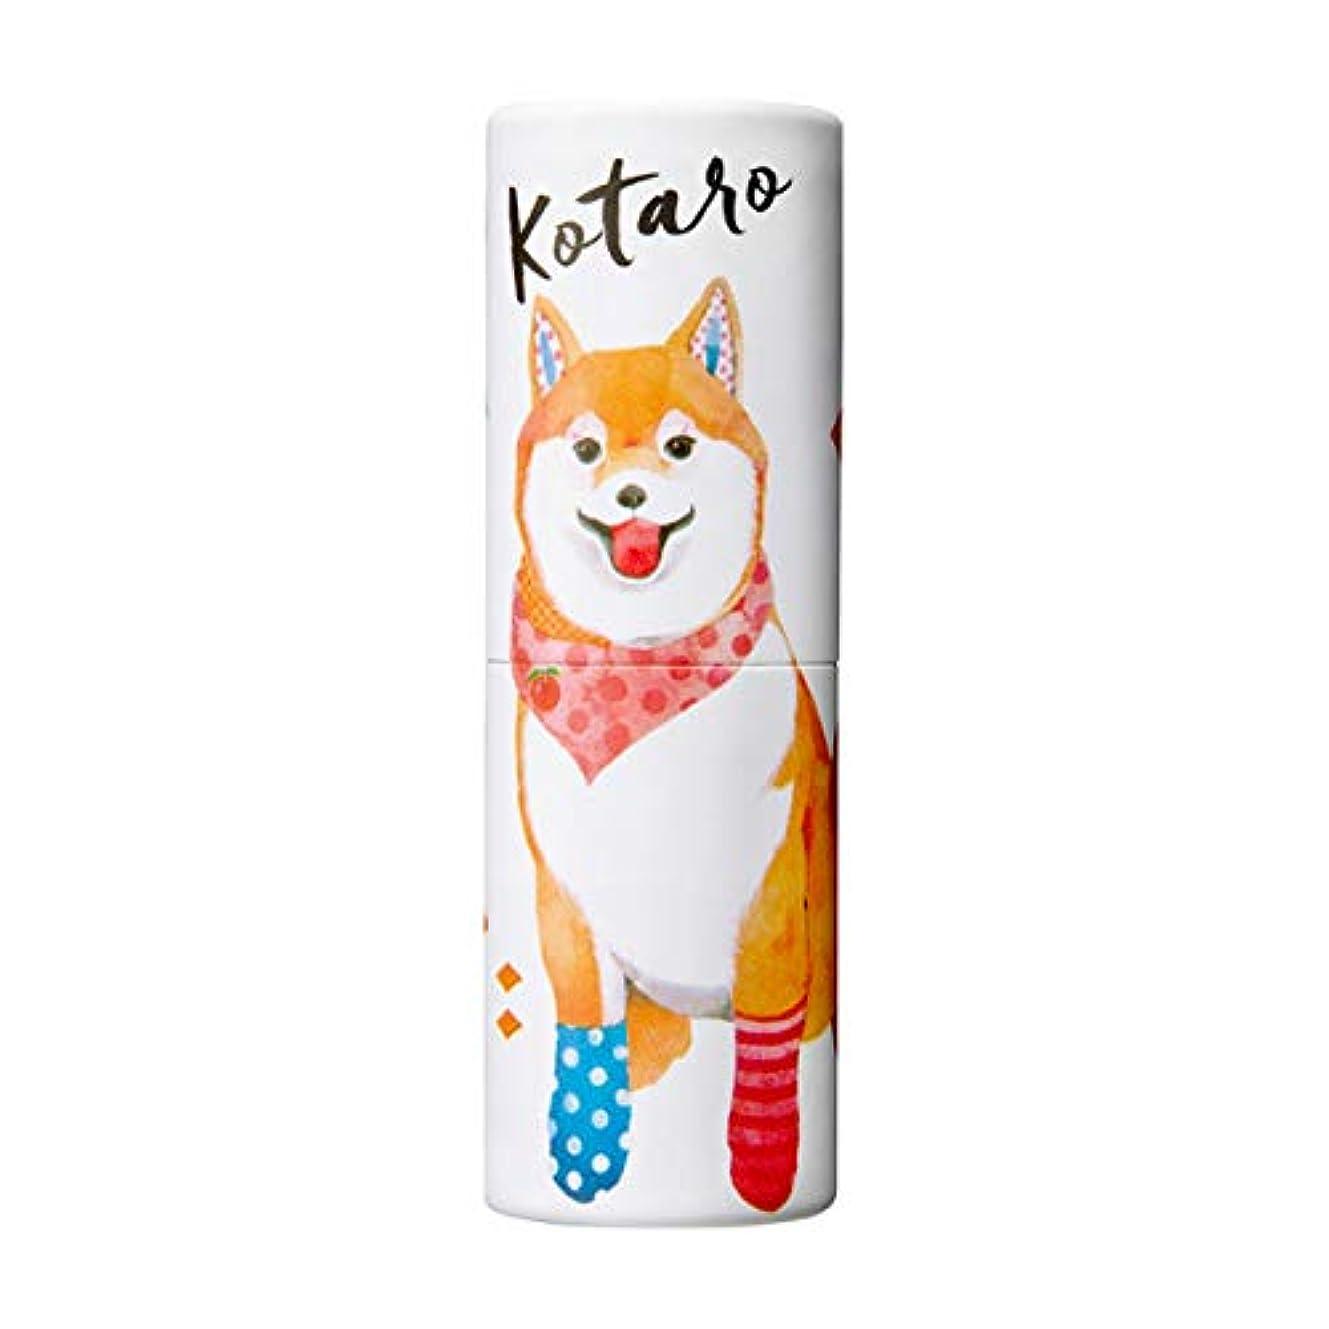 サスペンド薬を飲むキルスヴァシリーサ パフュームスティック コタロー 柴犬 練り香水 5g